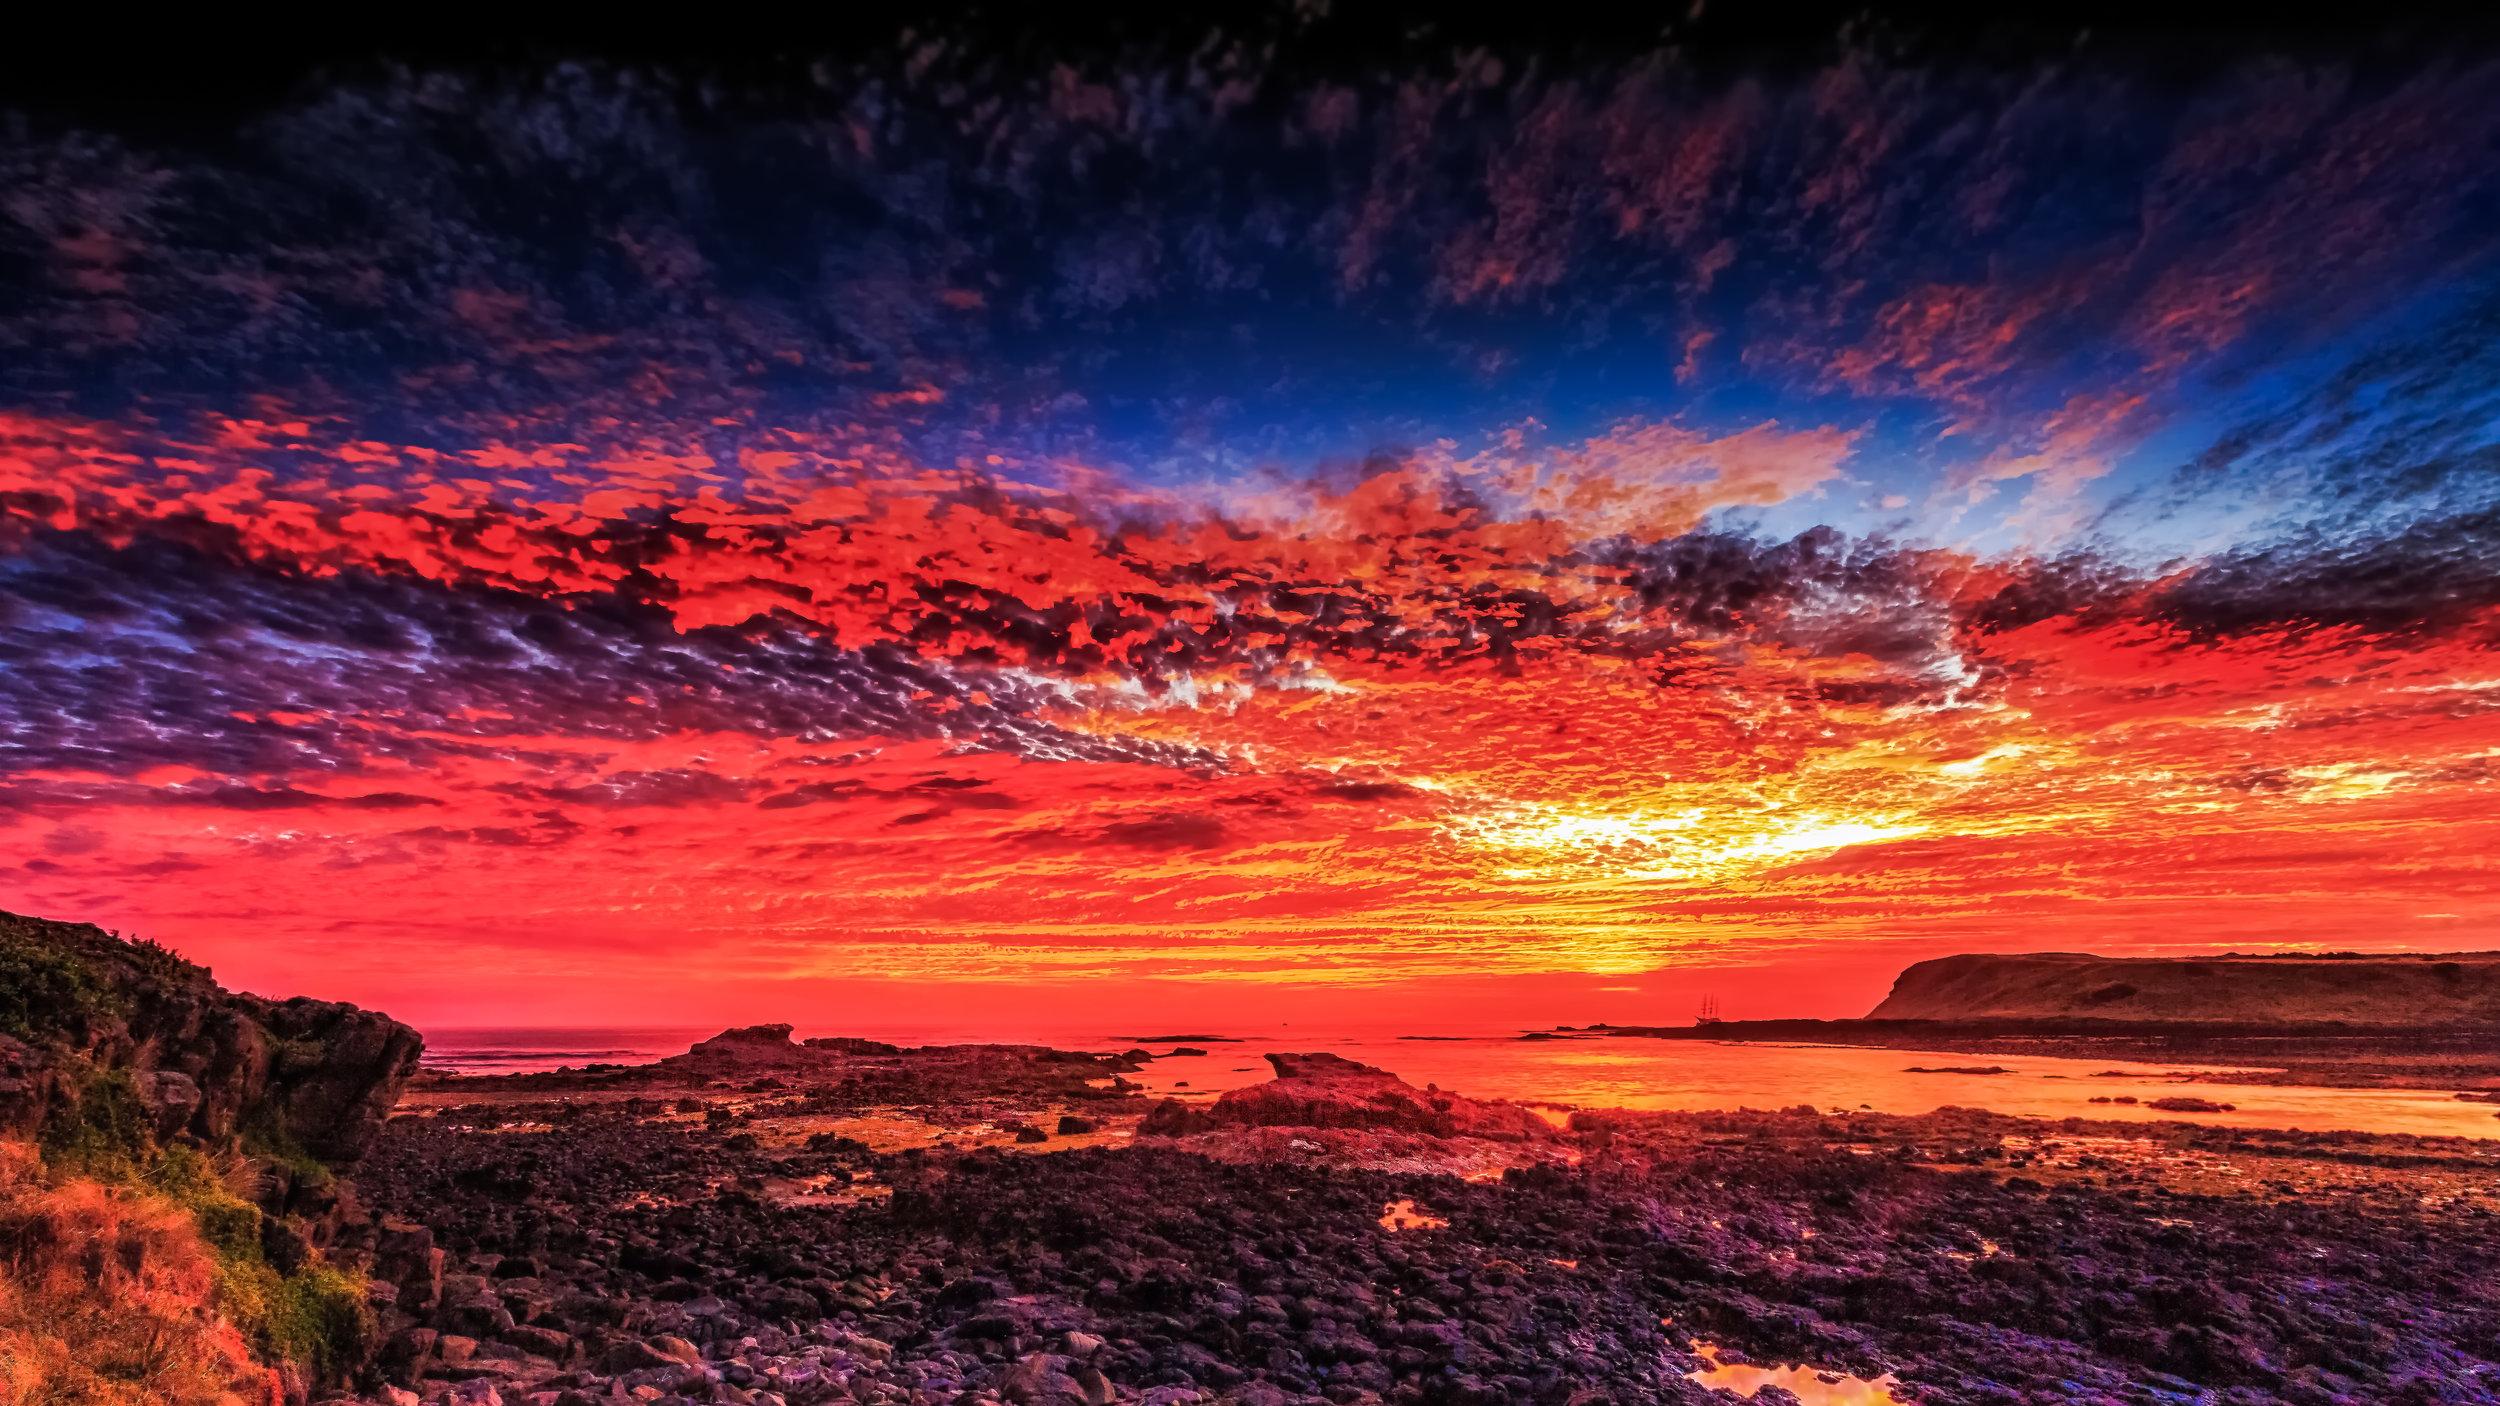 Sunrise at Phillip Island